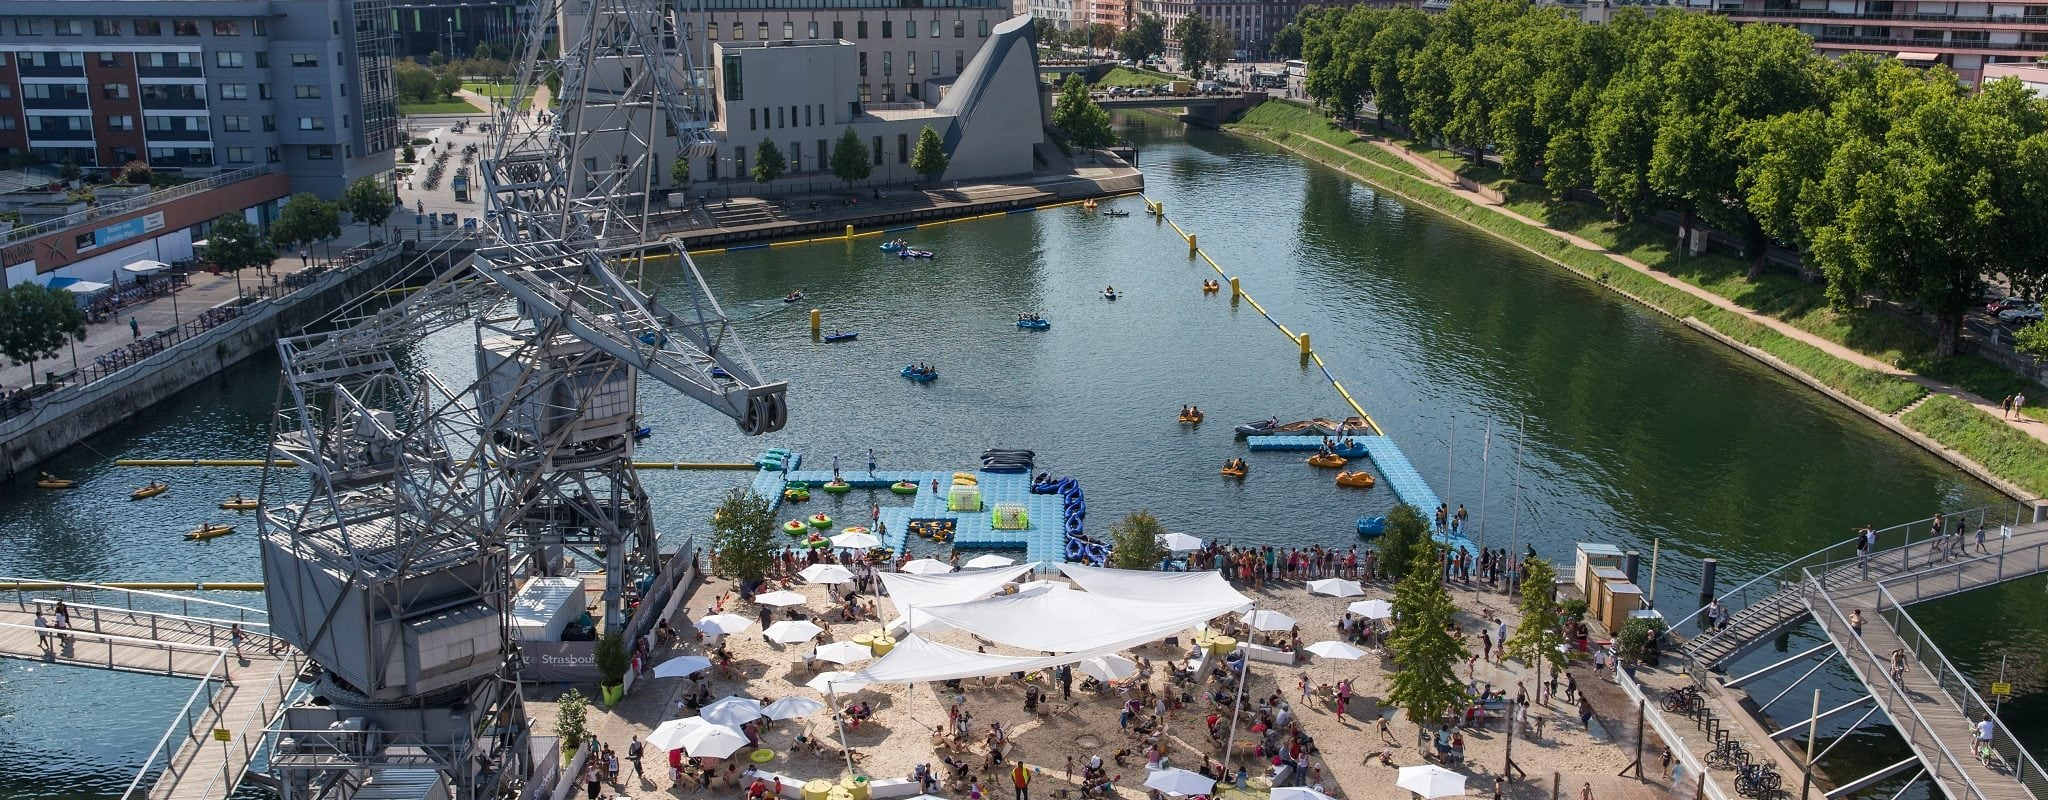 Cet été, pas de feu d'artifice mais des Illuminations, les Docks et du cinéma en plein air…